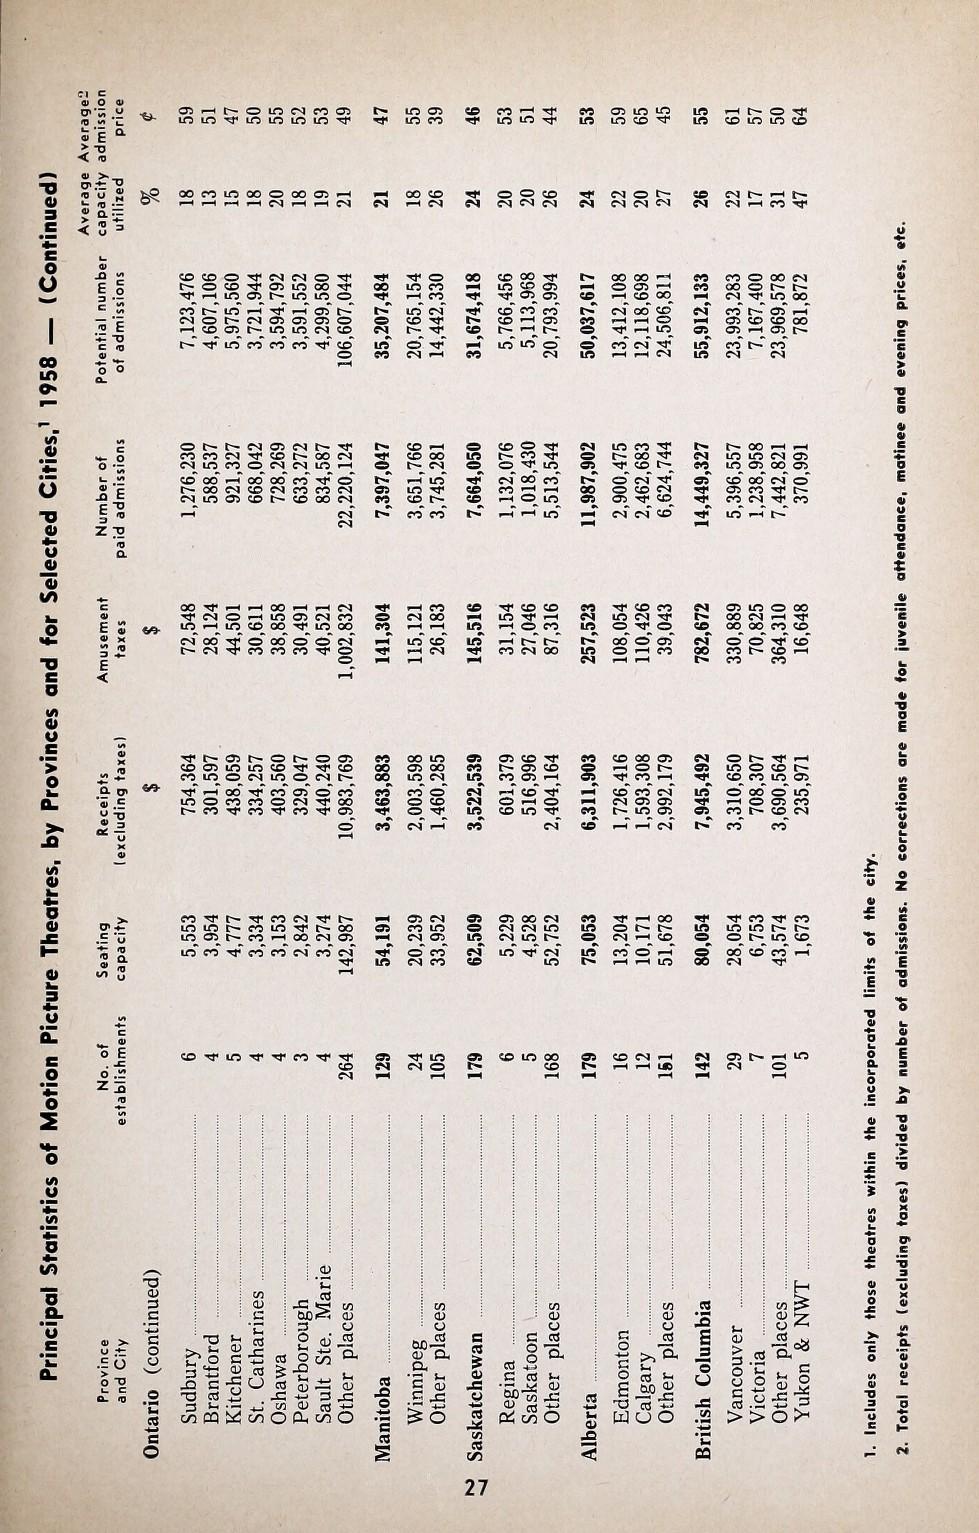 196061yearbookca00film_jp2.zip&file=196061yearbookca00film_jp2%2f196061yearbookca00film_0029